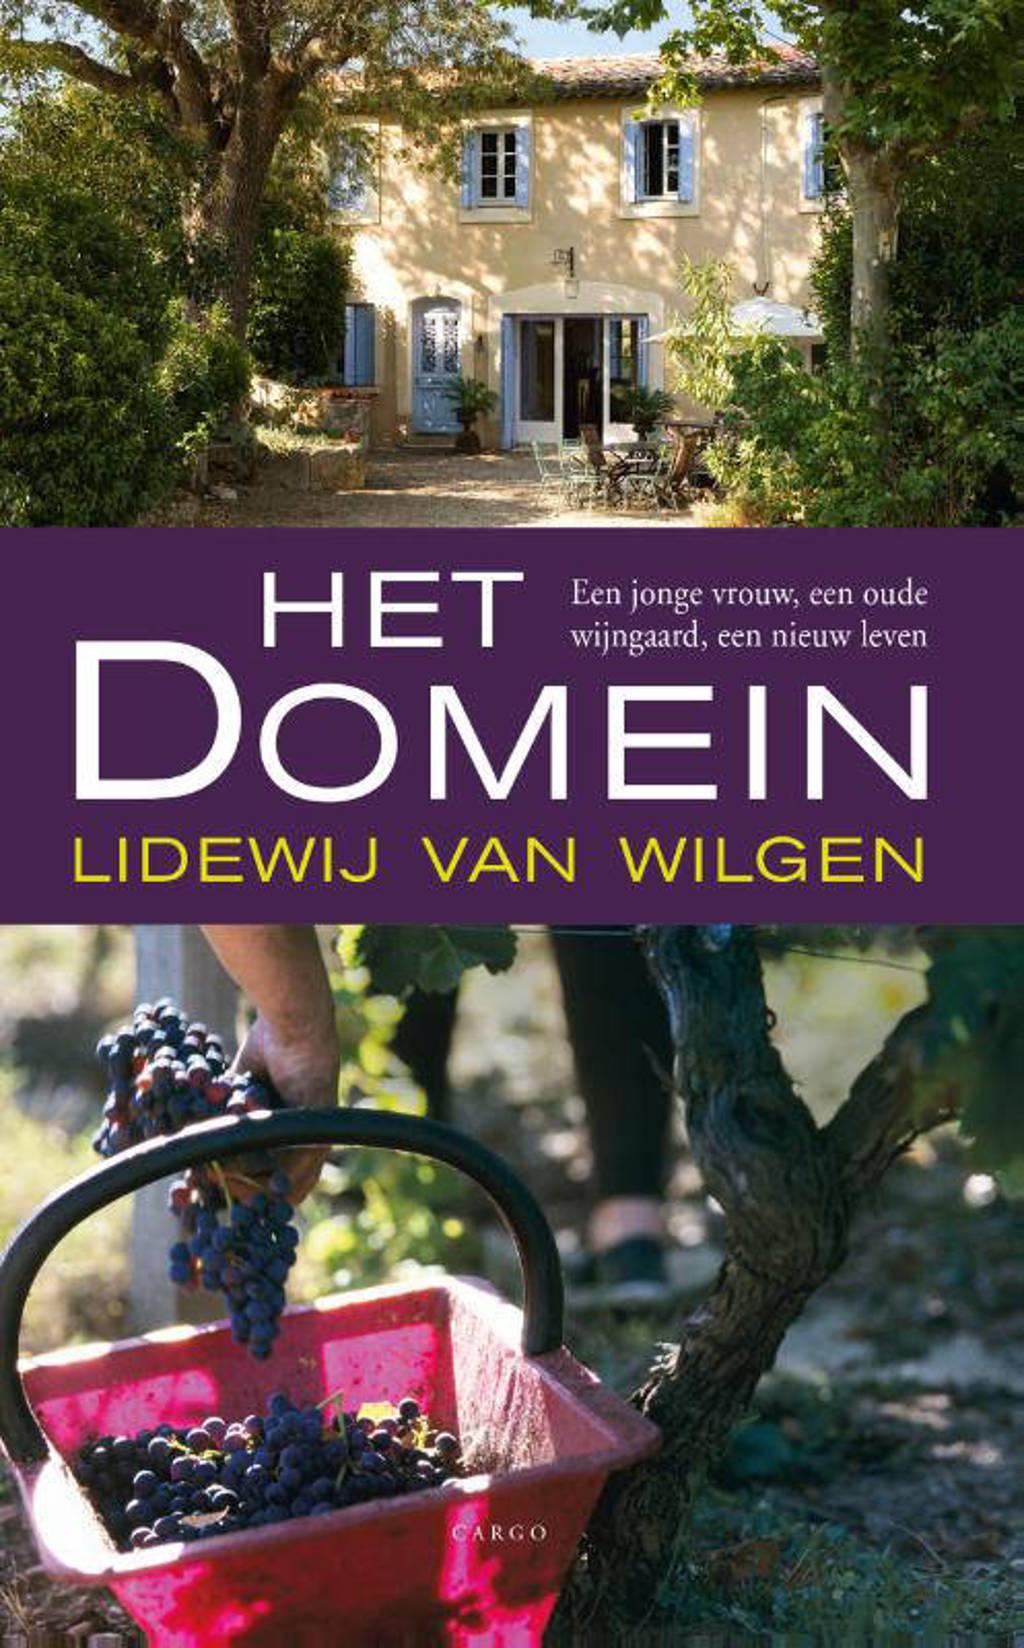 Het domein - Lidewij van Wilgen